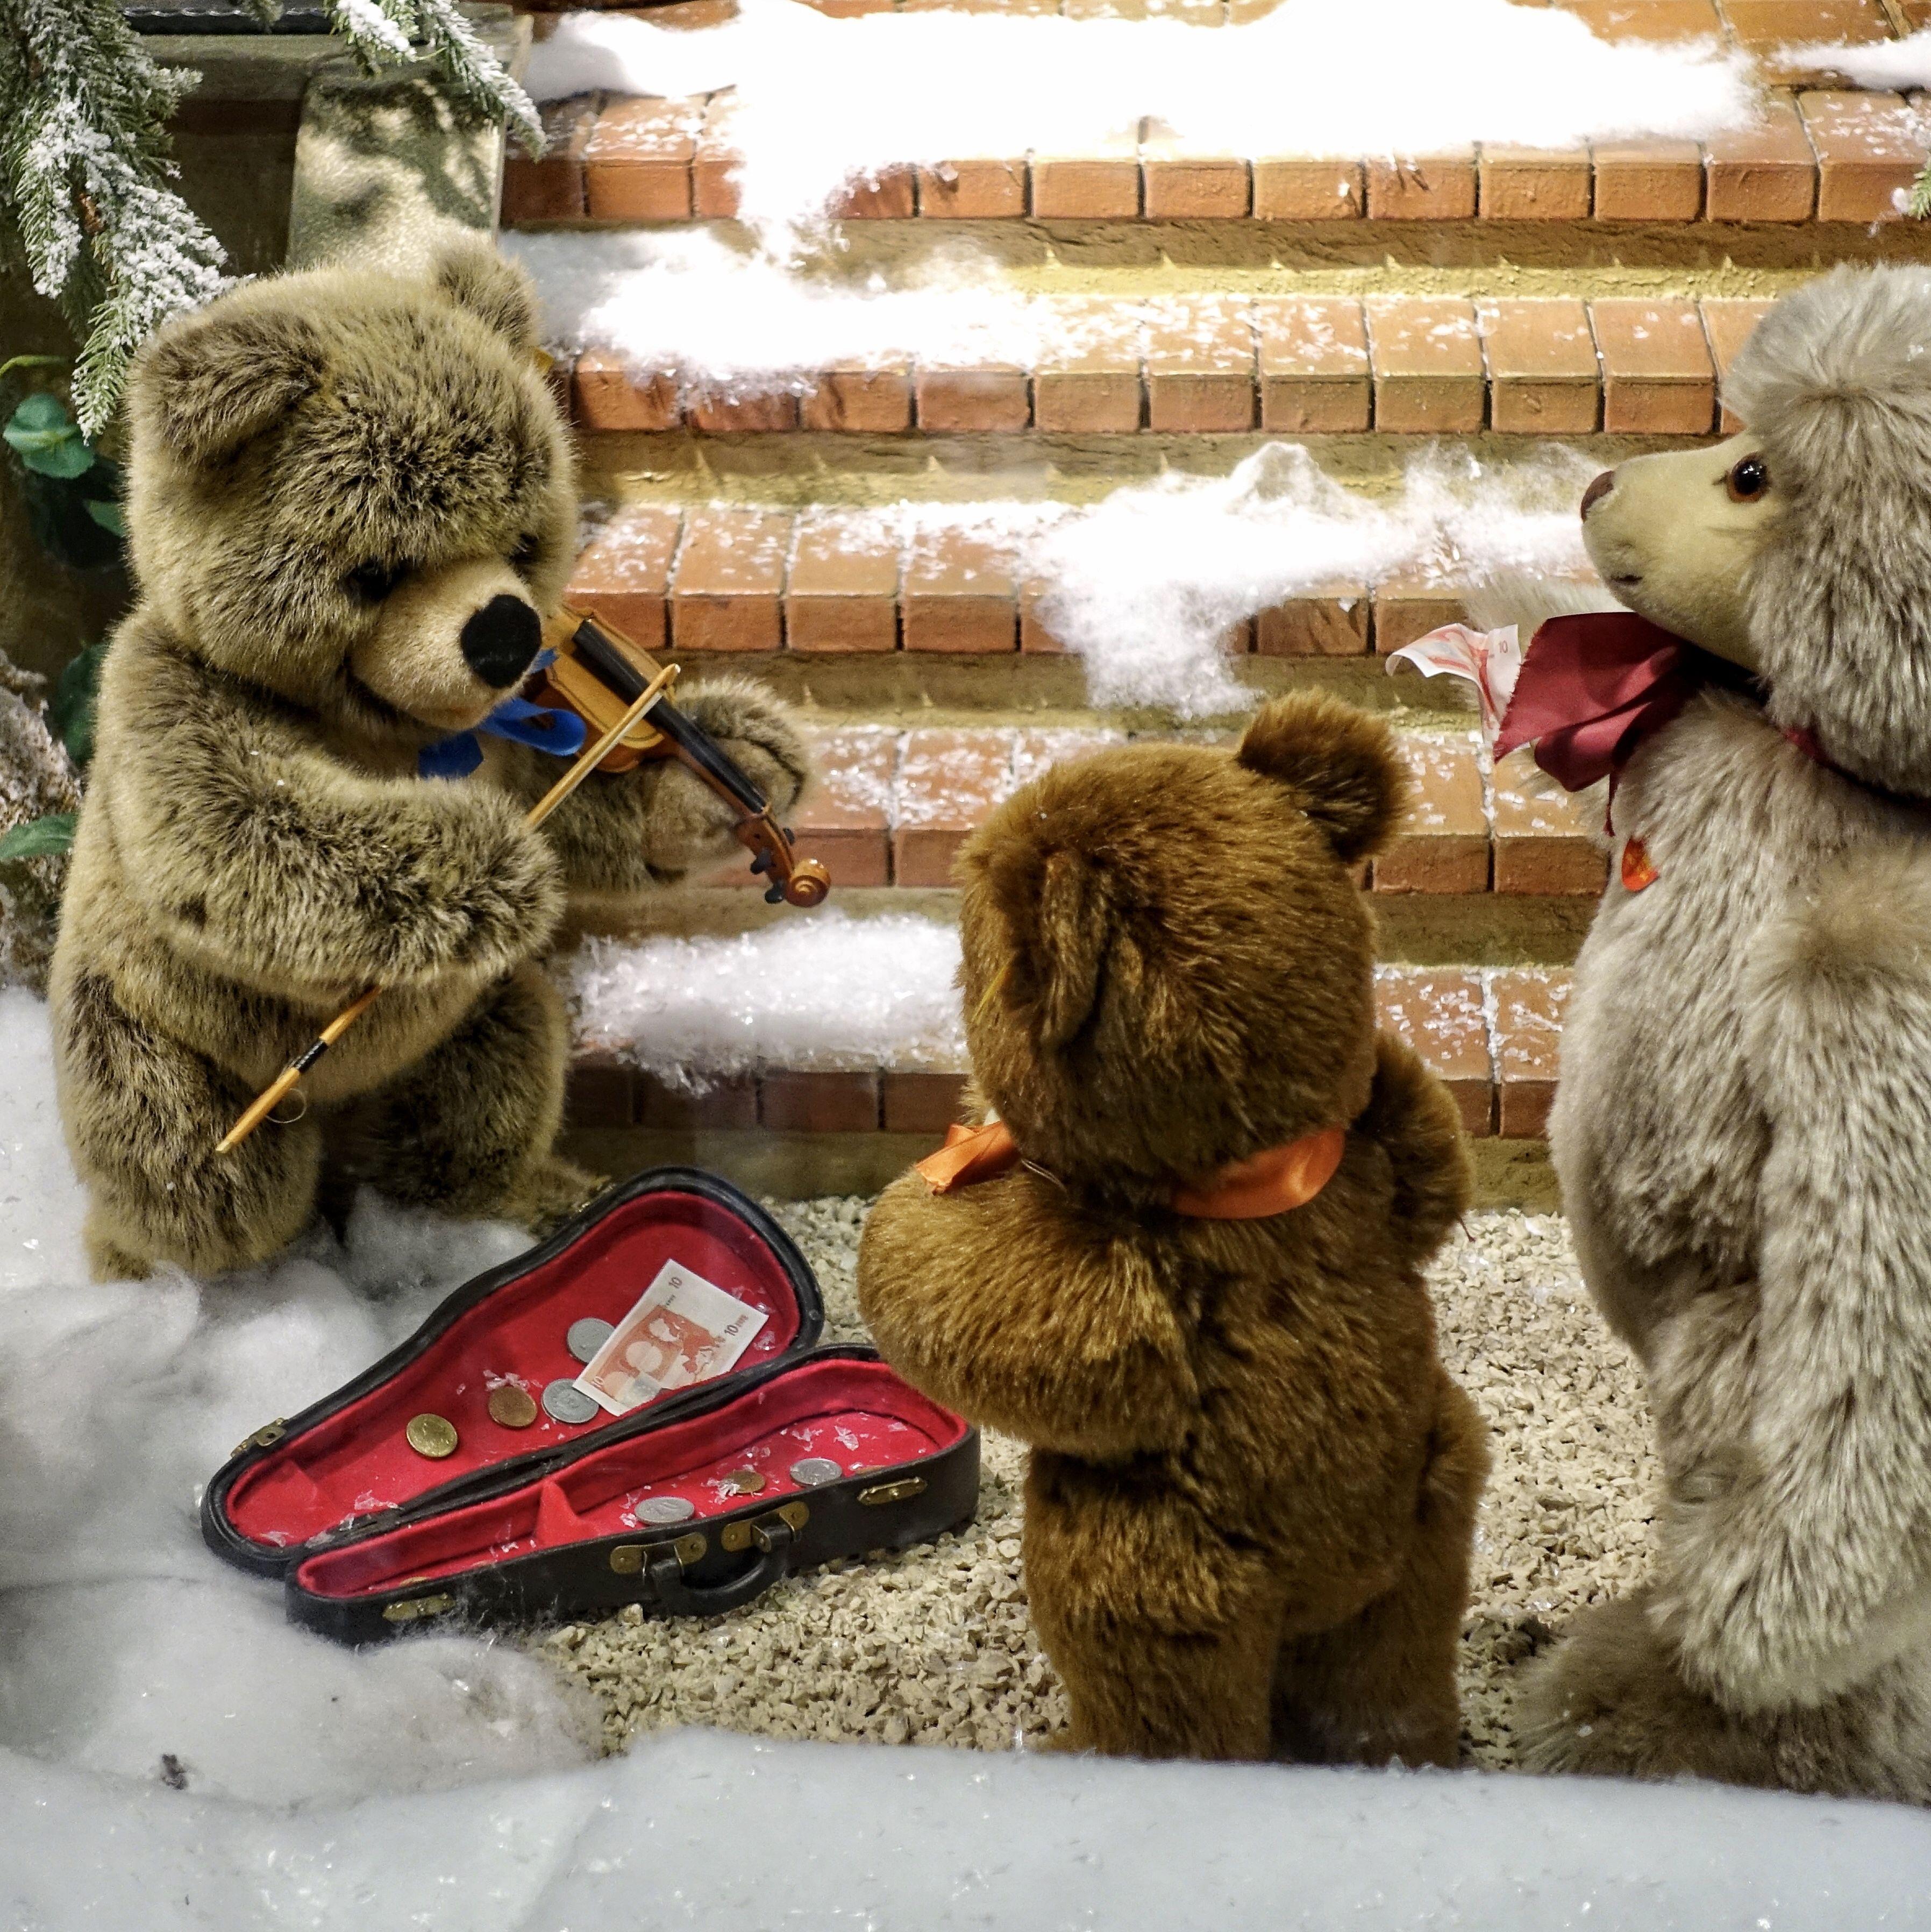 Munich Germany Munchen Deutschland Steiff Weihnachtszauber Am Marienplatz Munchen Deutschland Munchen Weihnachtszauber